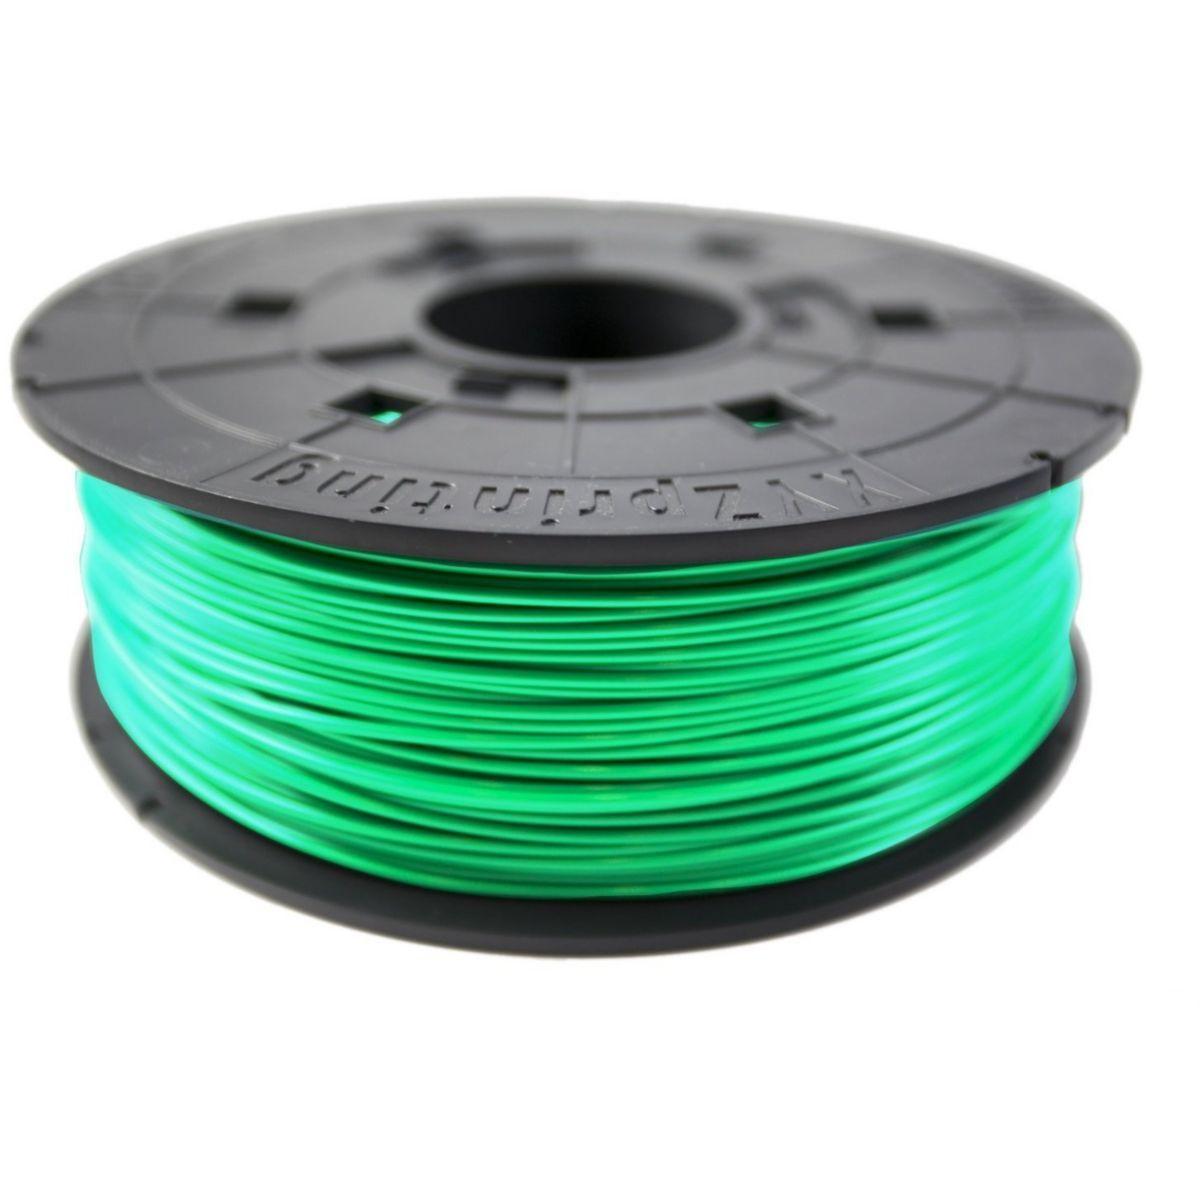 Filament 3d xyz printing bobine recharge abs vert clair - 10% ...